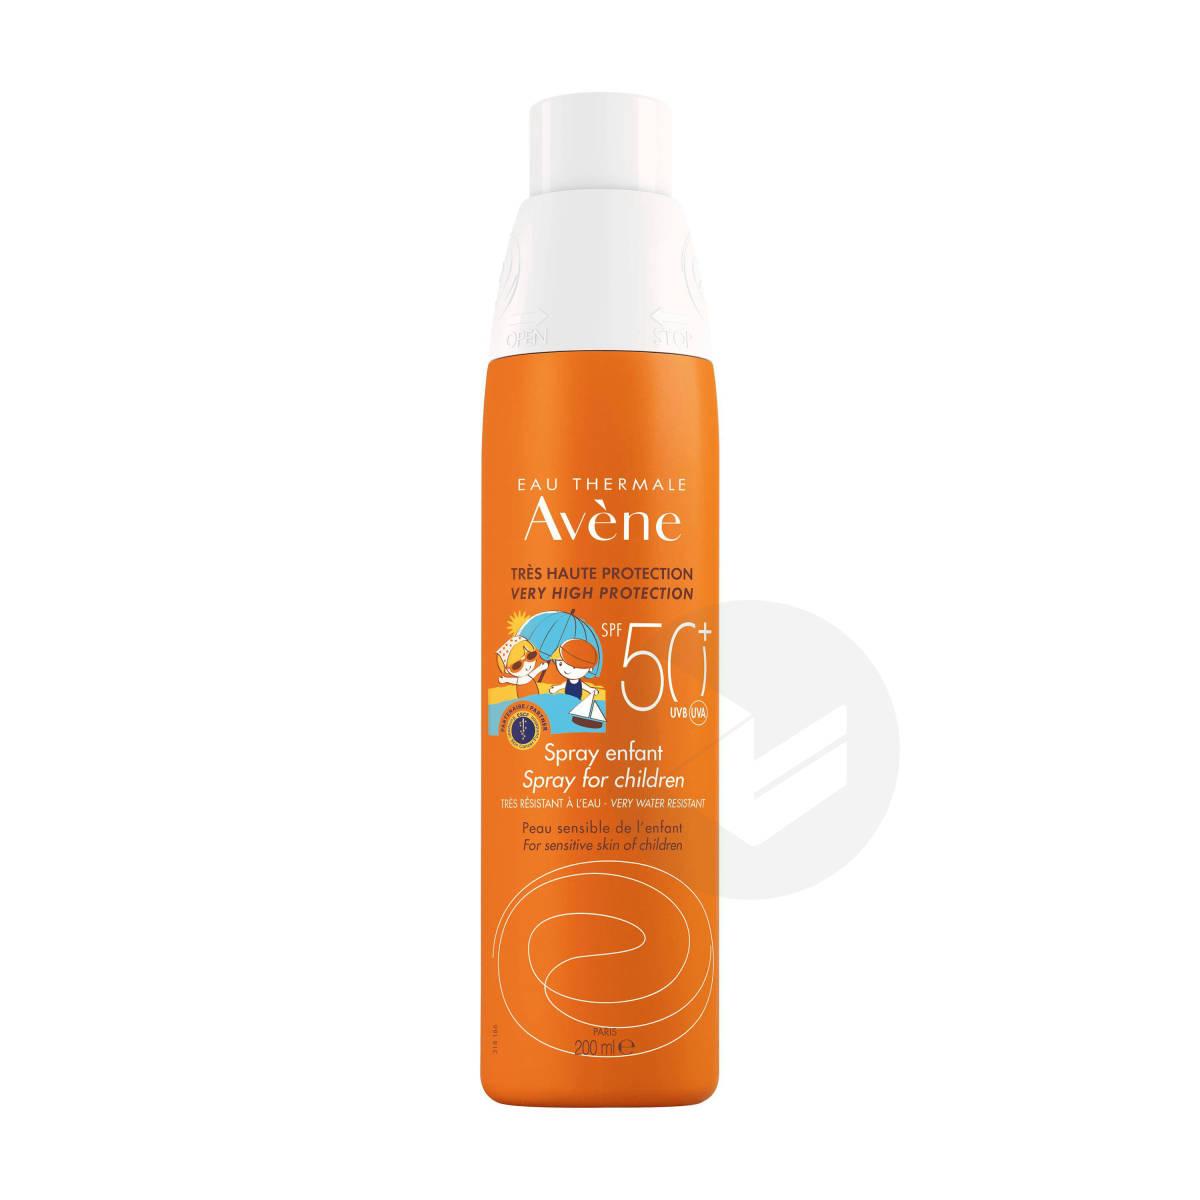 Spray Enfant SPF50+ 200ml